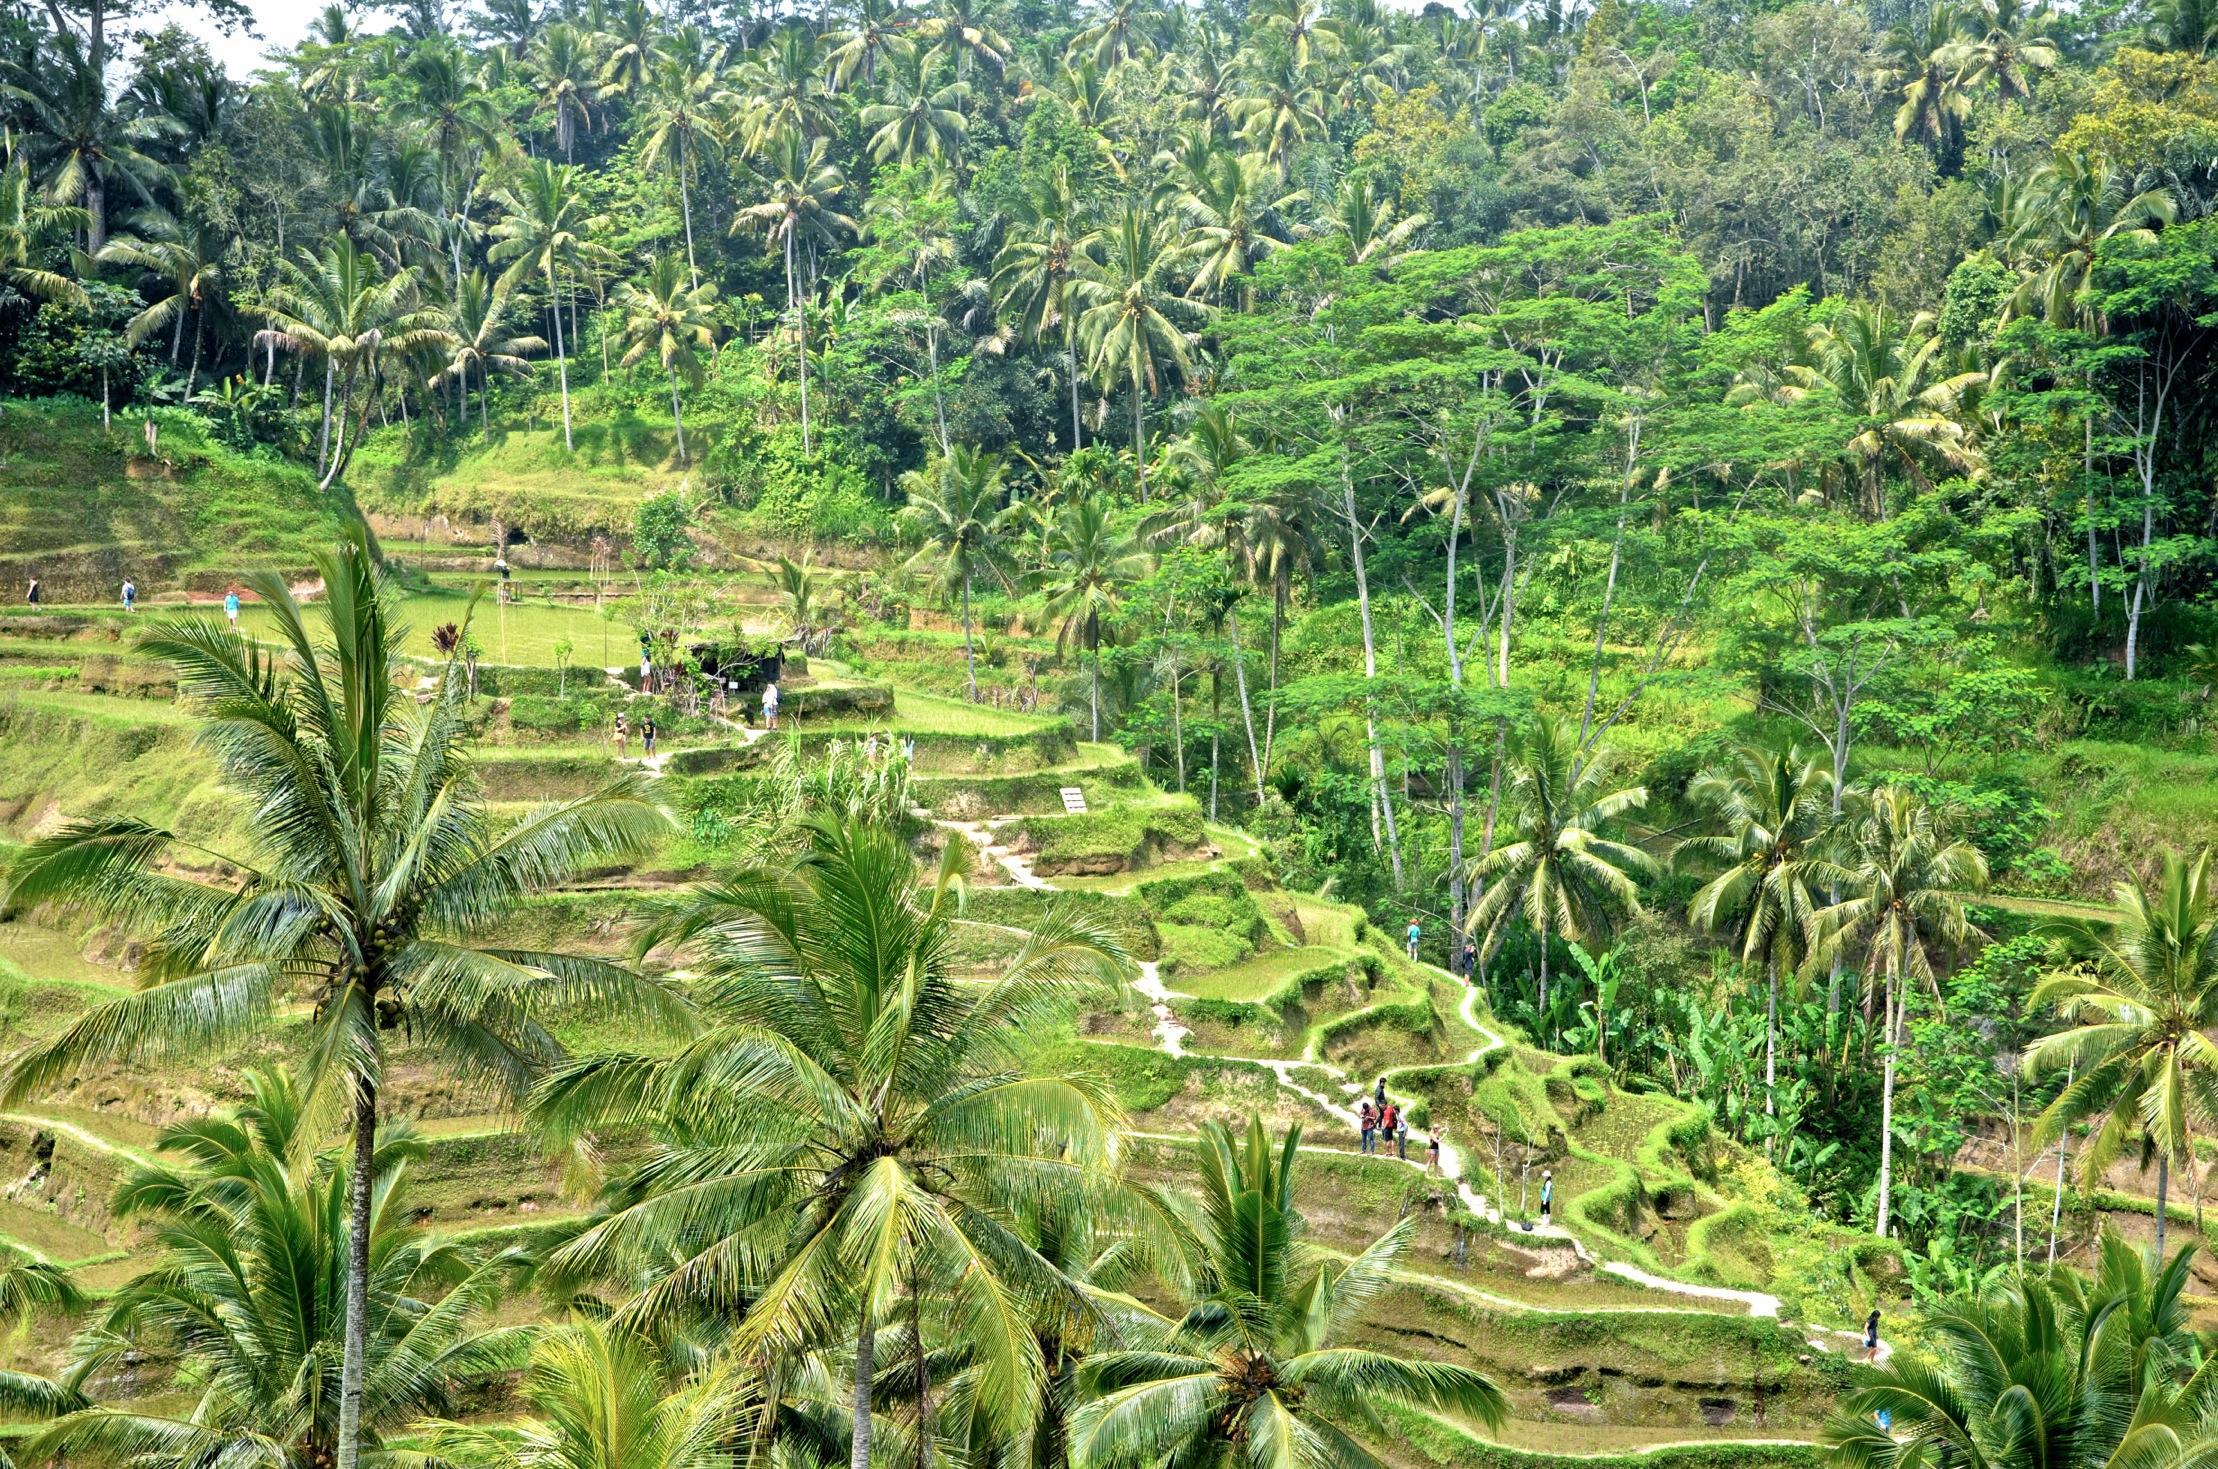 Die Reisterrassen von Tegalalang